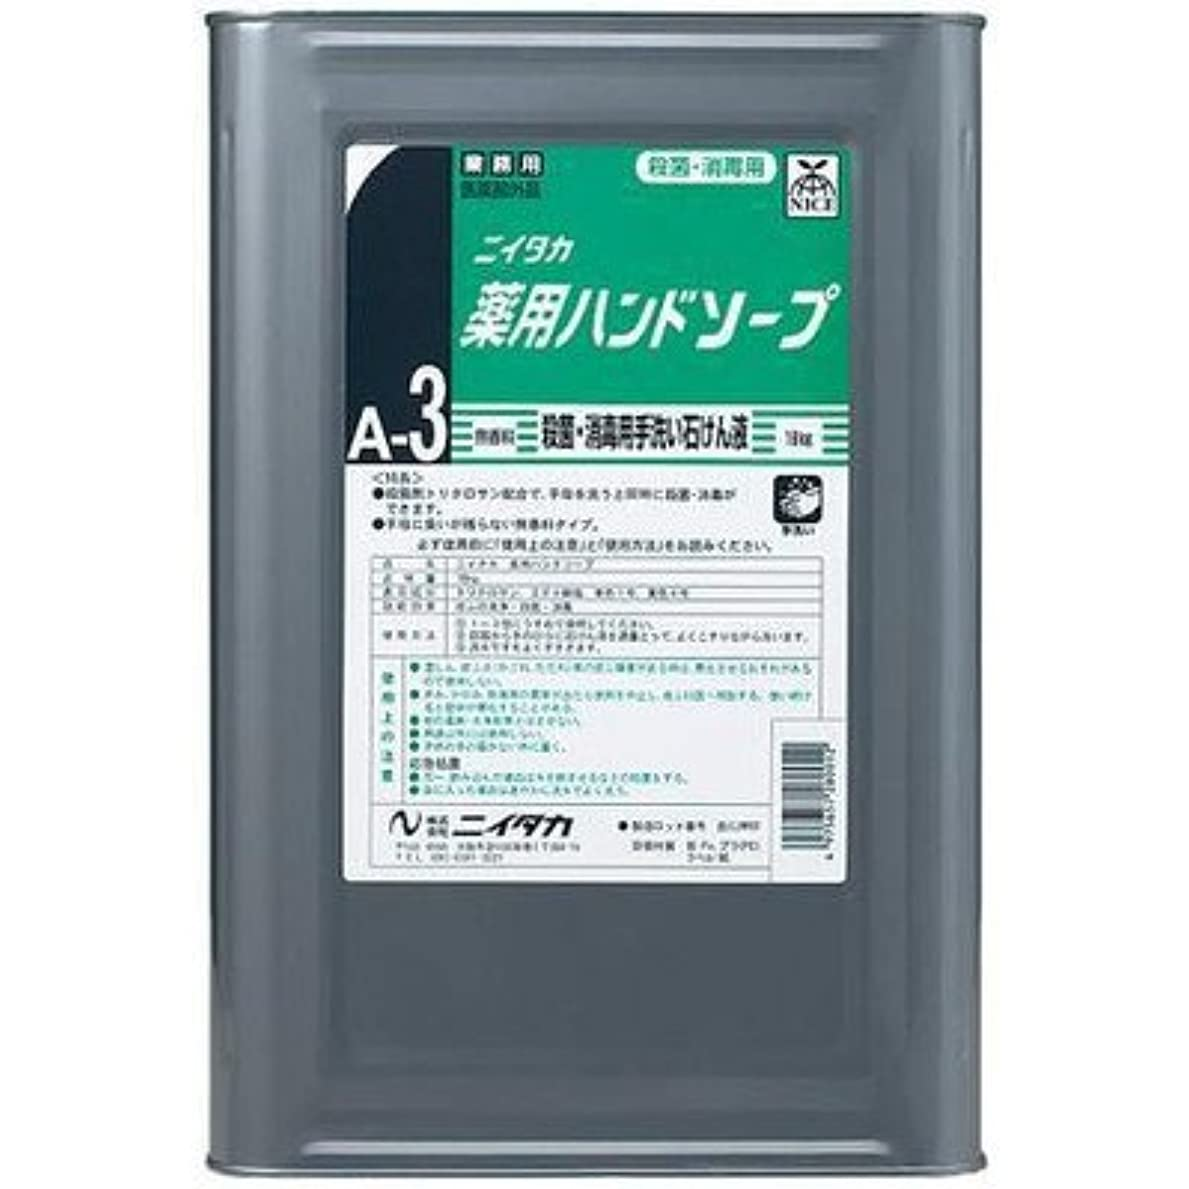 発行不測の事態懐疑的ニイタカ 業務用手洗い石けん液 薬用ハンドソープ(A-3) 18kg×1本